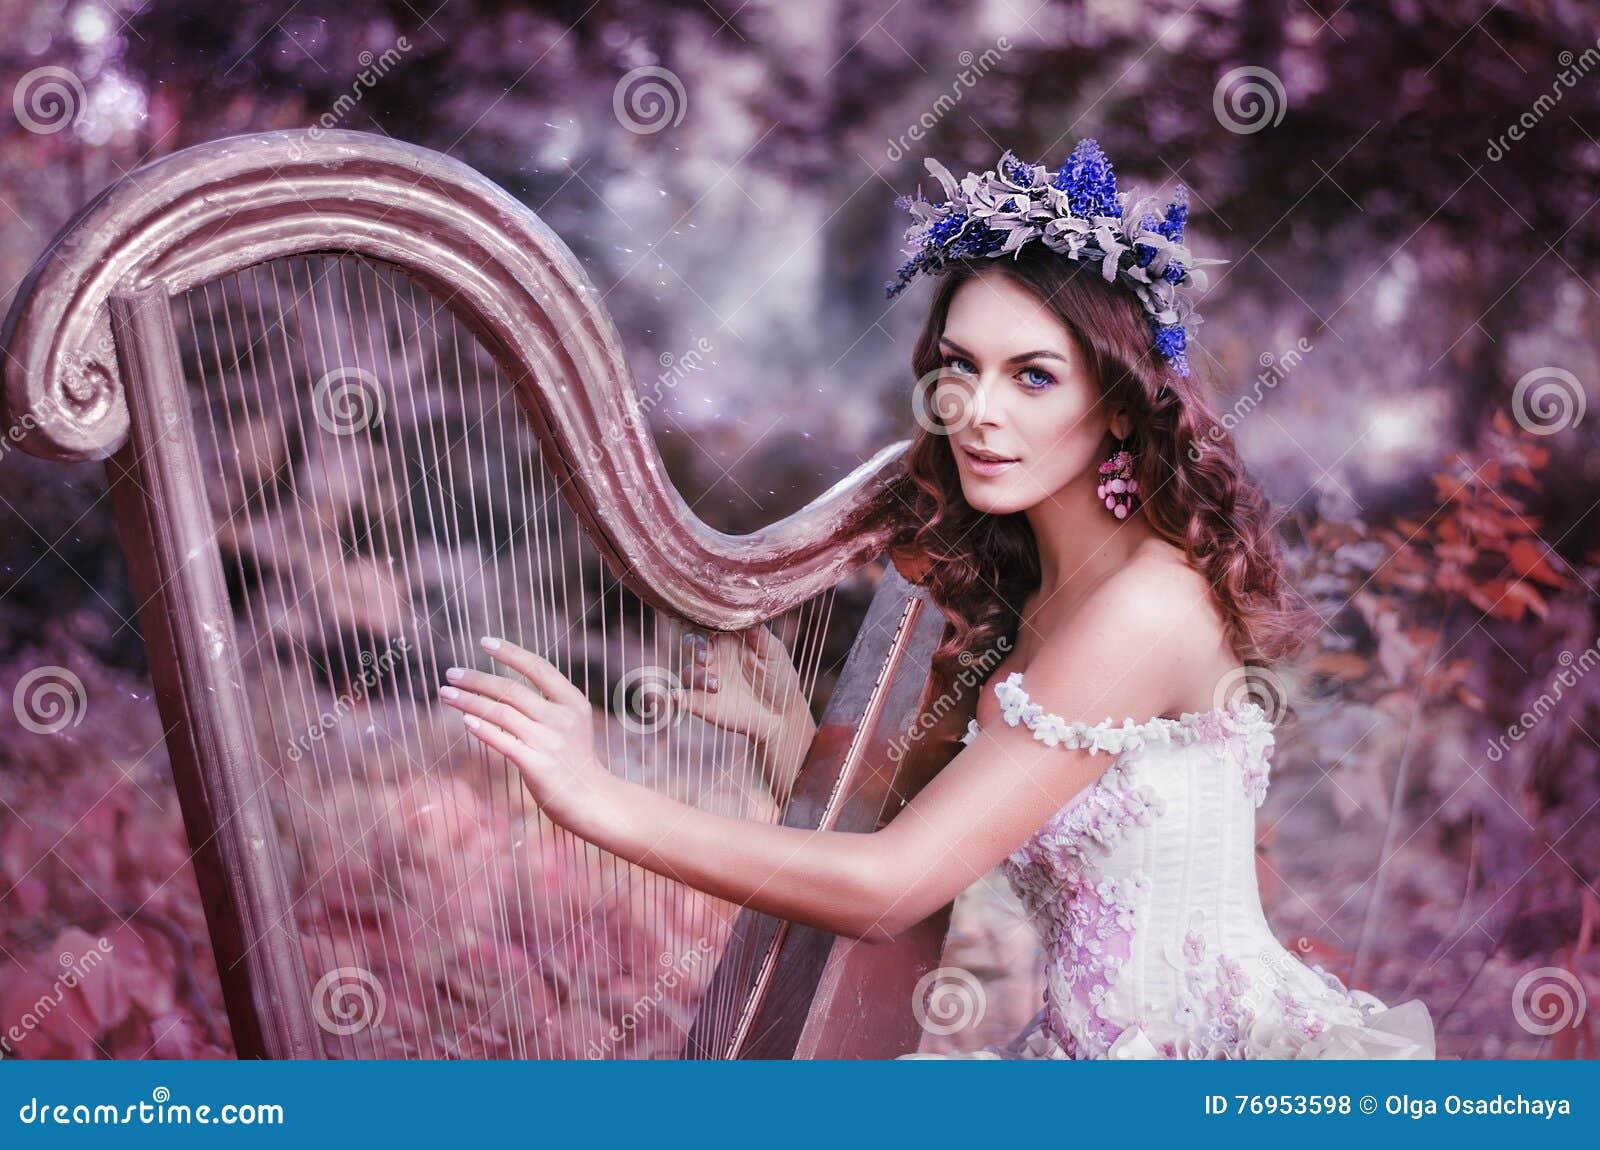 Schöne braunhaarige Frau mit einem Blumenkranz auf ihrem Kopf, ein weißes Kleid tragend, welches die Harfe im Wald spielt